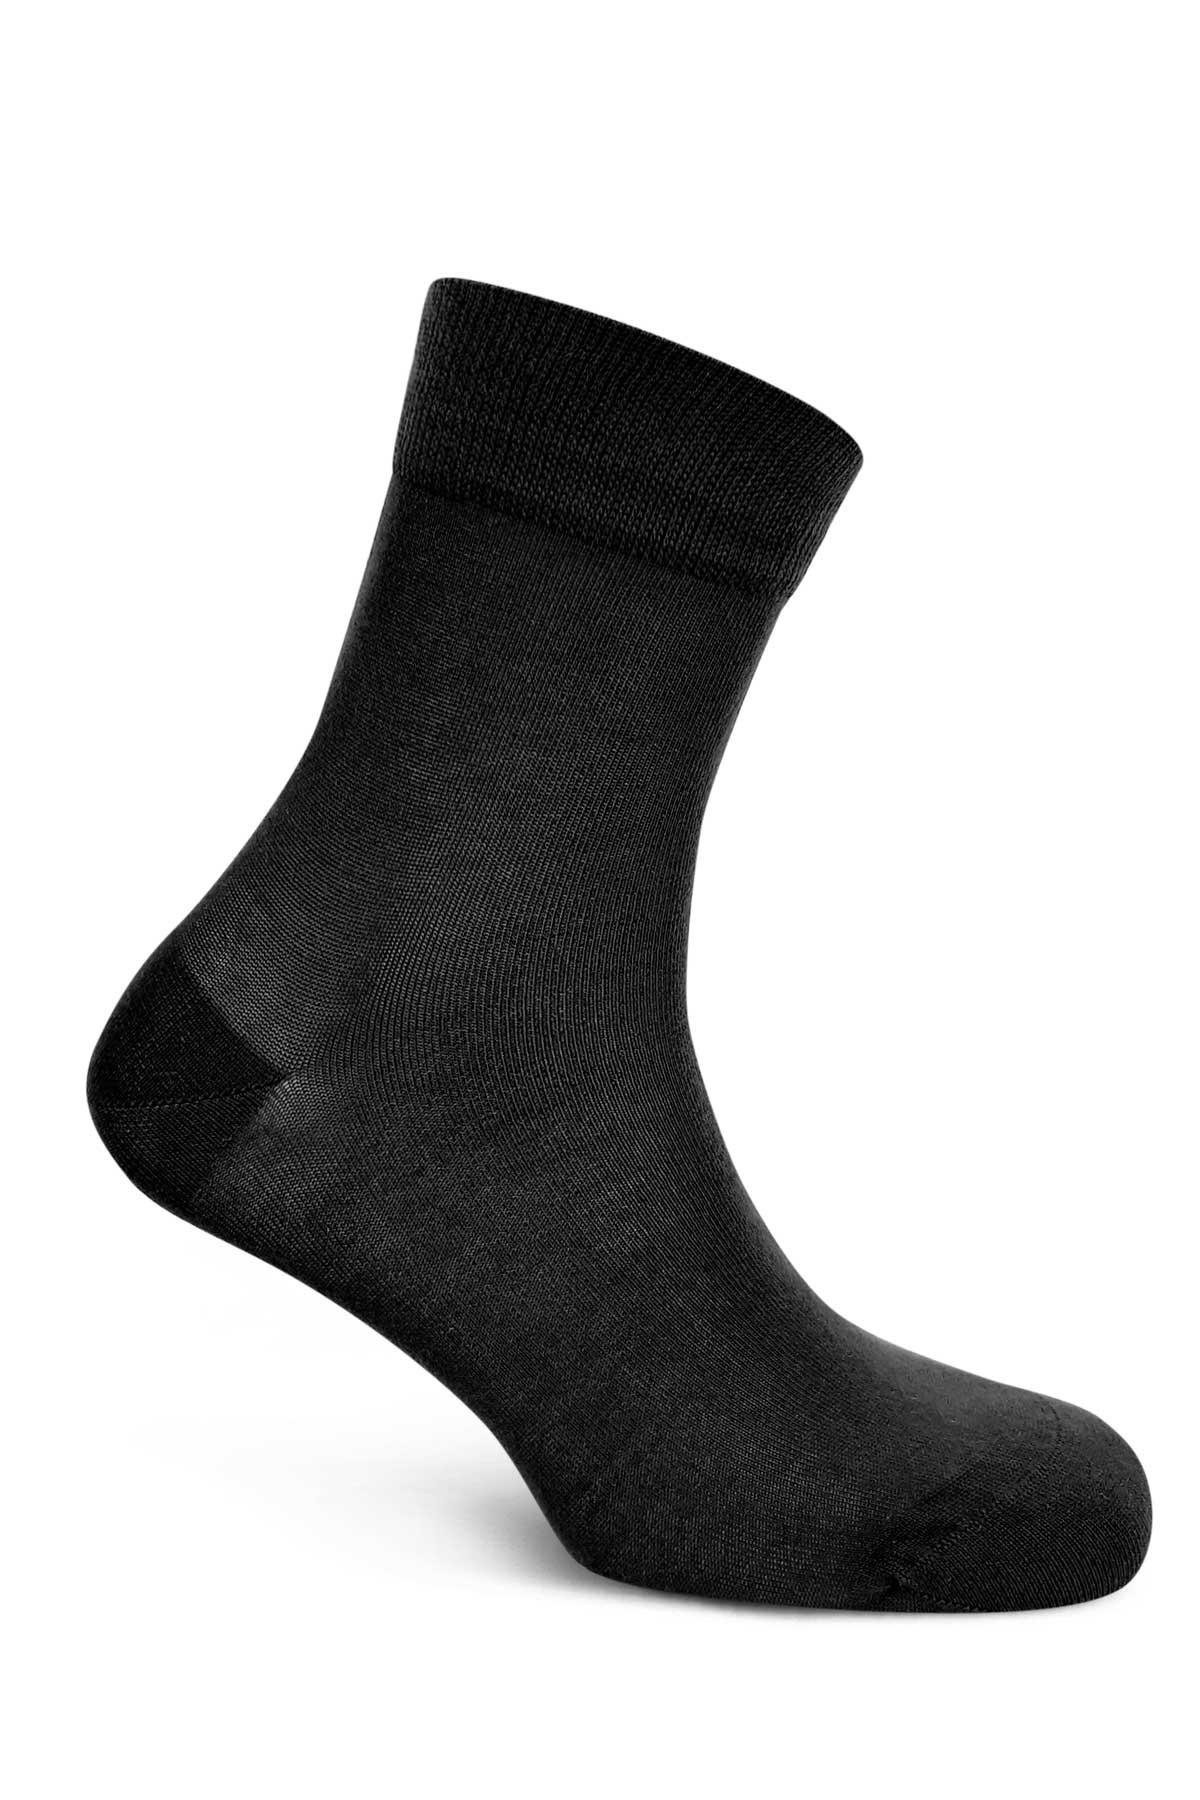 Style Erkek Yarım Konç Çorap Düz - Thumbnail